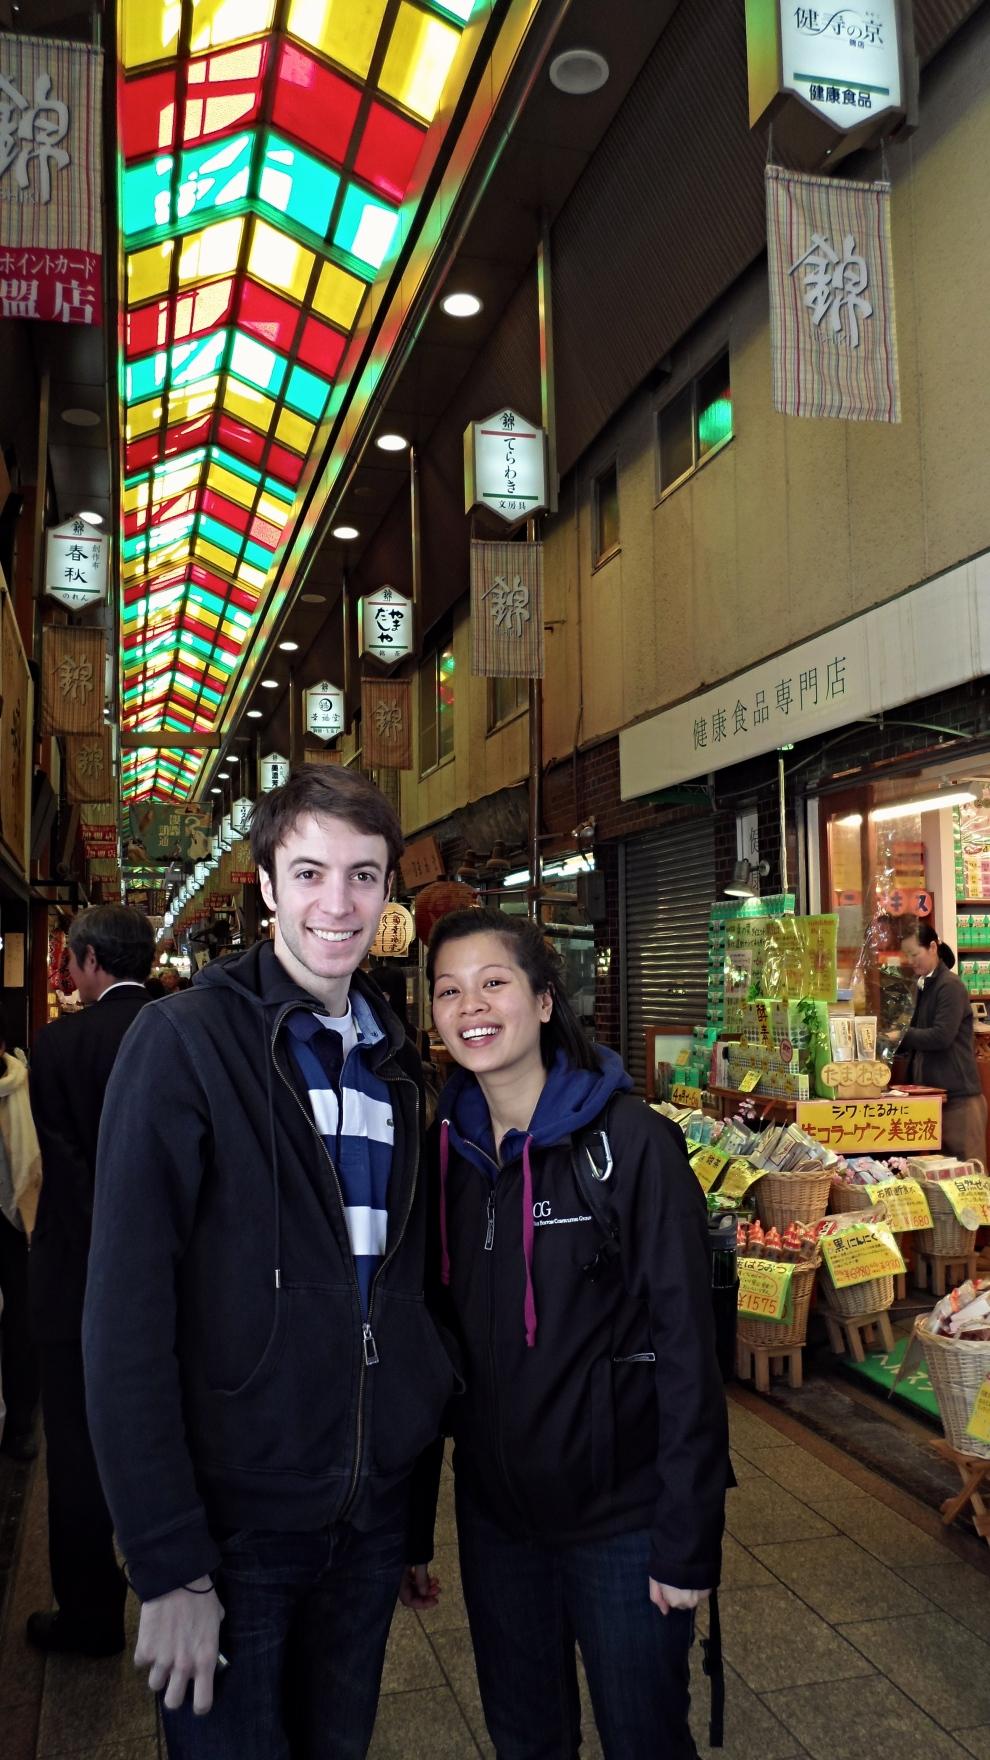 Win & Ari at Nishiki Market